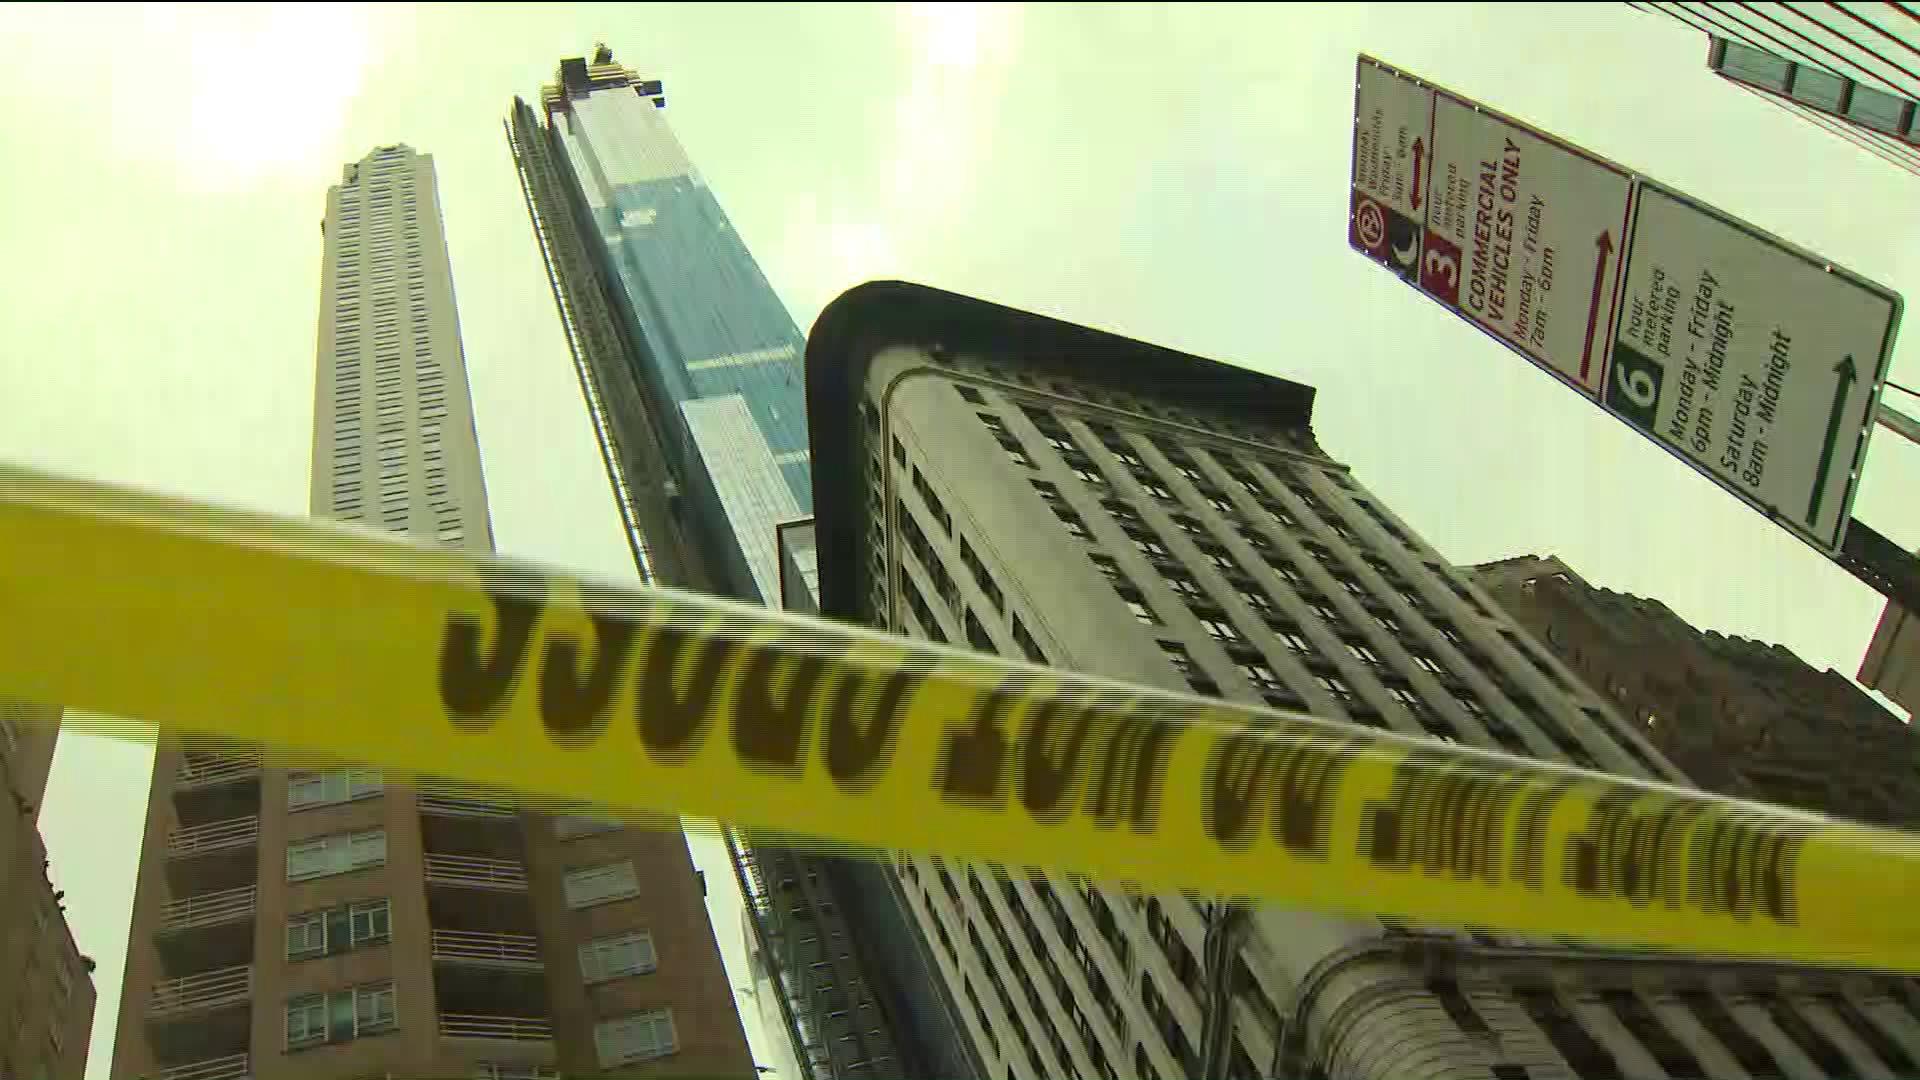 Falling ice hits, injures person near Columbus Circle in Midtown Manhattan